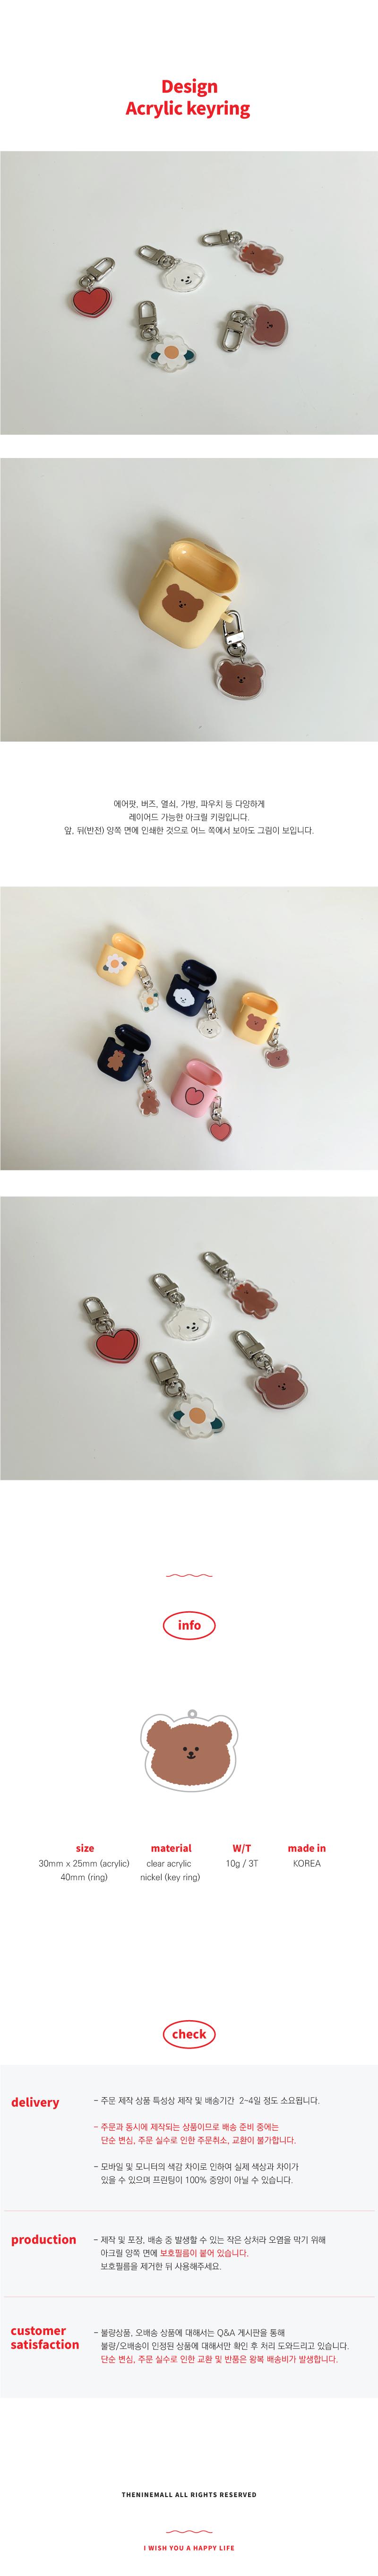 face slow bear 아크릴키링 - 주식회사 모먼트디자인, 10,000원, 스트랩, 일반 핸드폰줄